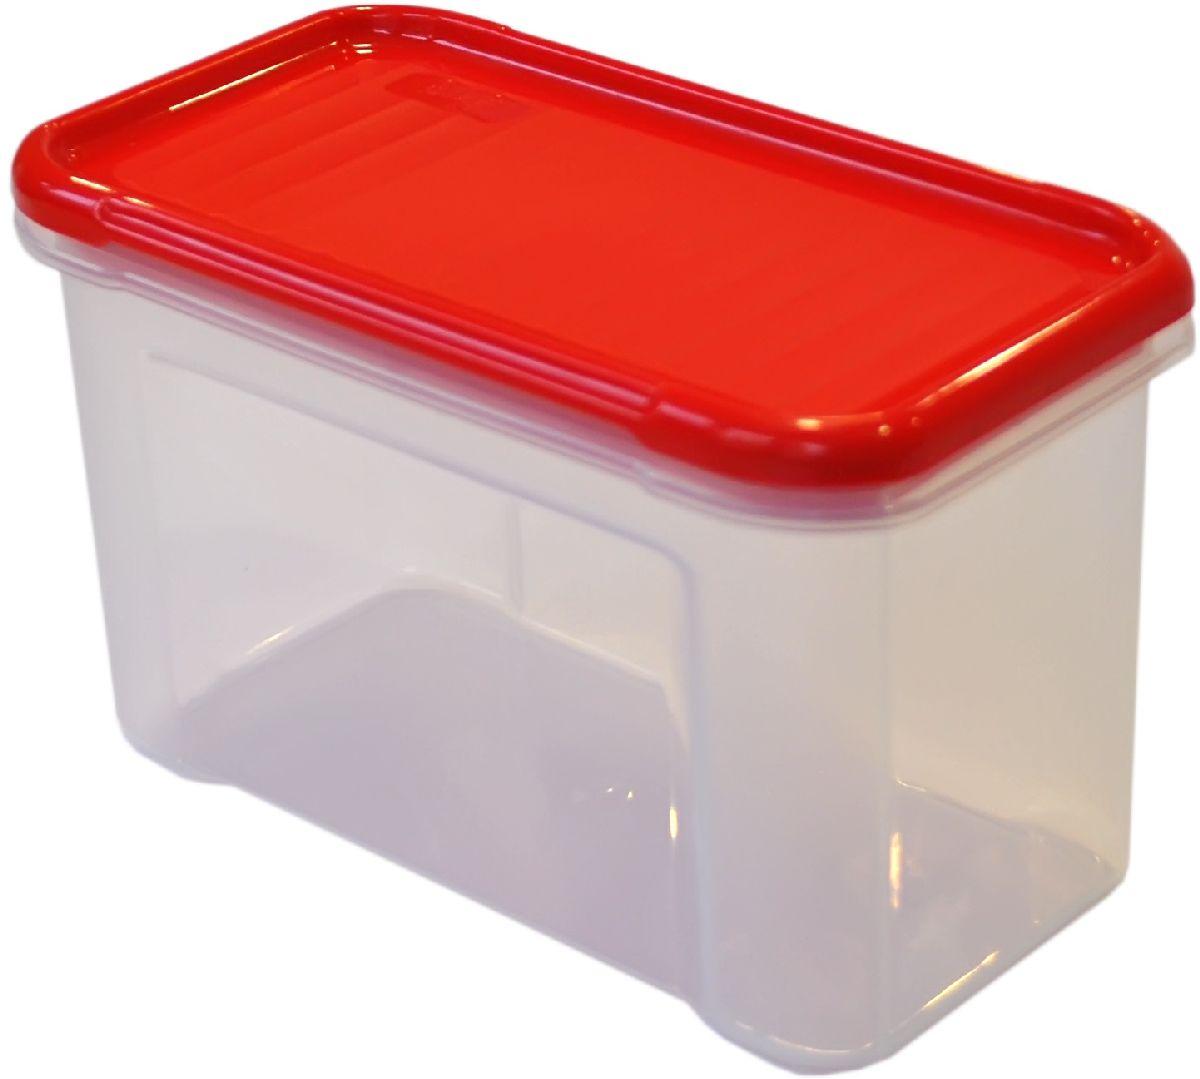 Банка для сыпучих продуктов Giaretti Krupa, цвет: красный, прозрачный, 0,75 лGR2231ЧЕРИБанки для сыпучих продуктов предназначены для хранения круп, сахара, макаронных изделий, сладостей и т.п., в том числе для продуктов с ярким ароматом (специи и пр.). Строгая прямоугольная форма банок поможет Вам организовать пространство максимально комфортно, не теряя полезную площадь. При этом банки устанавливаются одна на другую, что способствует экономии пространства в Вашем шкафу. Плотная крышка не пропускает запахи, и они не смешиваются в Вашем шкафу. Благодаря разнообразным отверстиям в дозаторе, Вам будет удобно насыпать как мелкие, так и крупные сыпучие продукты, что сделает процесс приготовления пищи проще.